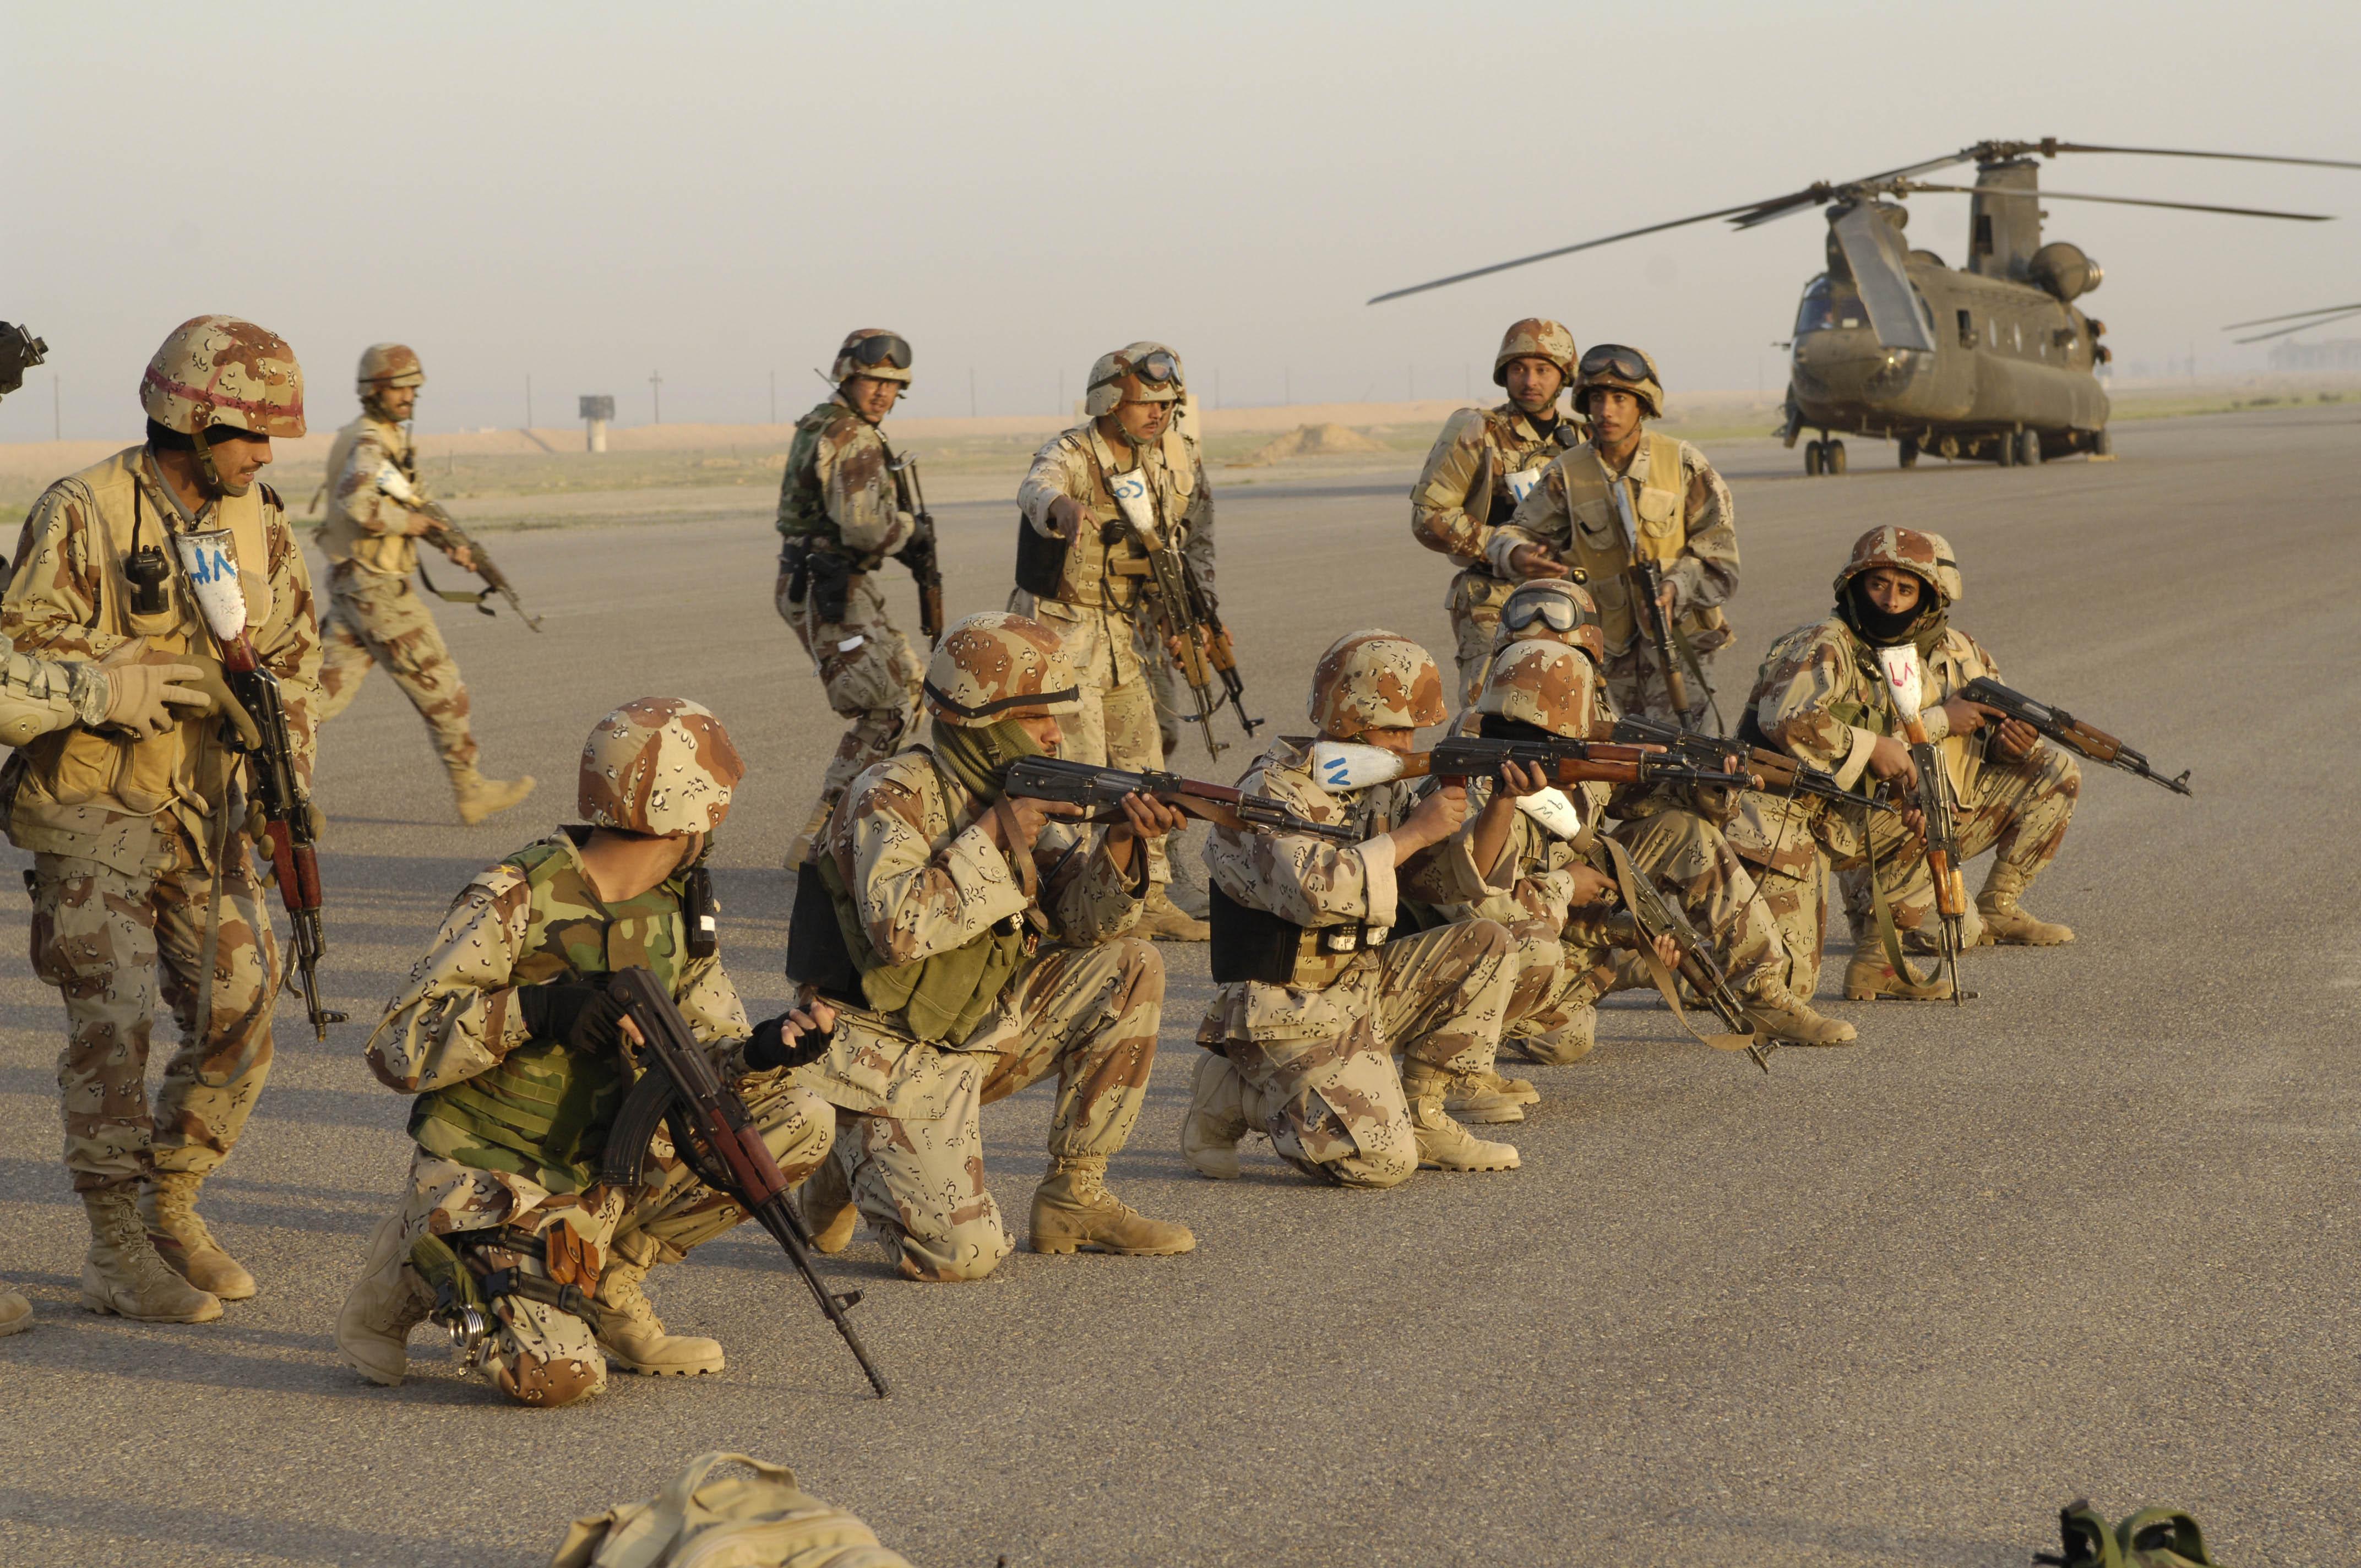 دراسات ما بعد المعركة ـ الحلقة السادسة،مناورات الدفاع. بقلم هشام العلي